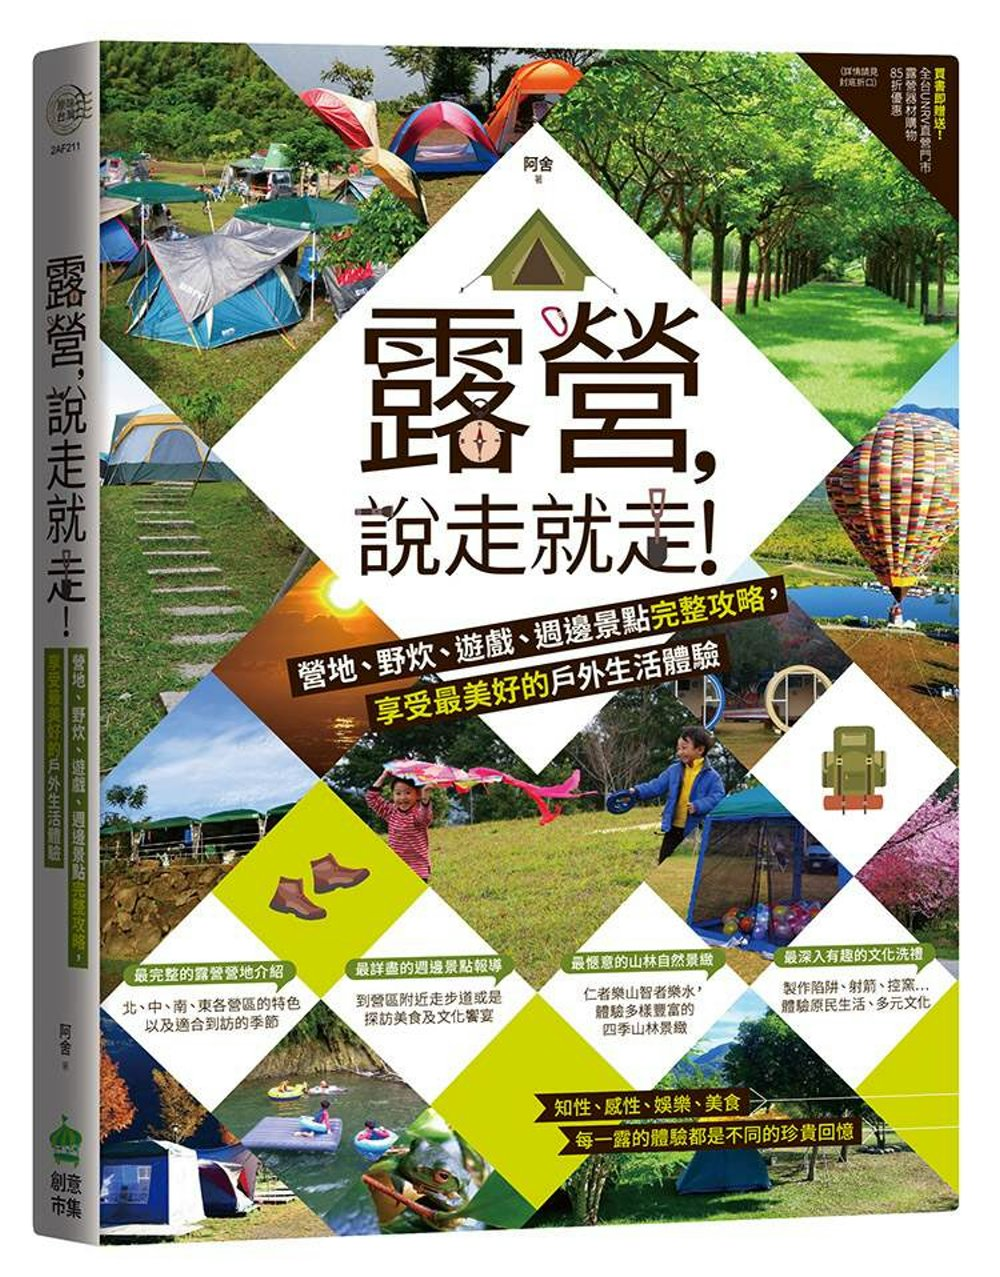 露營,說走就走!營地、野炊、遊戲、週邊景點完整攻略,享受最美好的戶外生活體驗